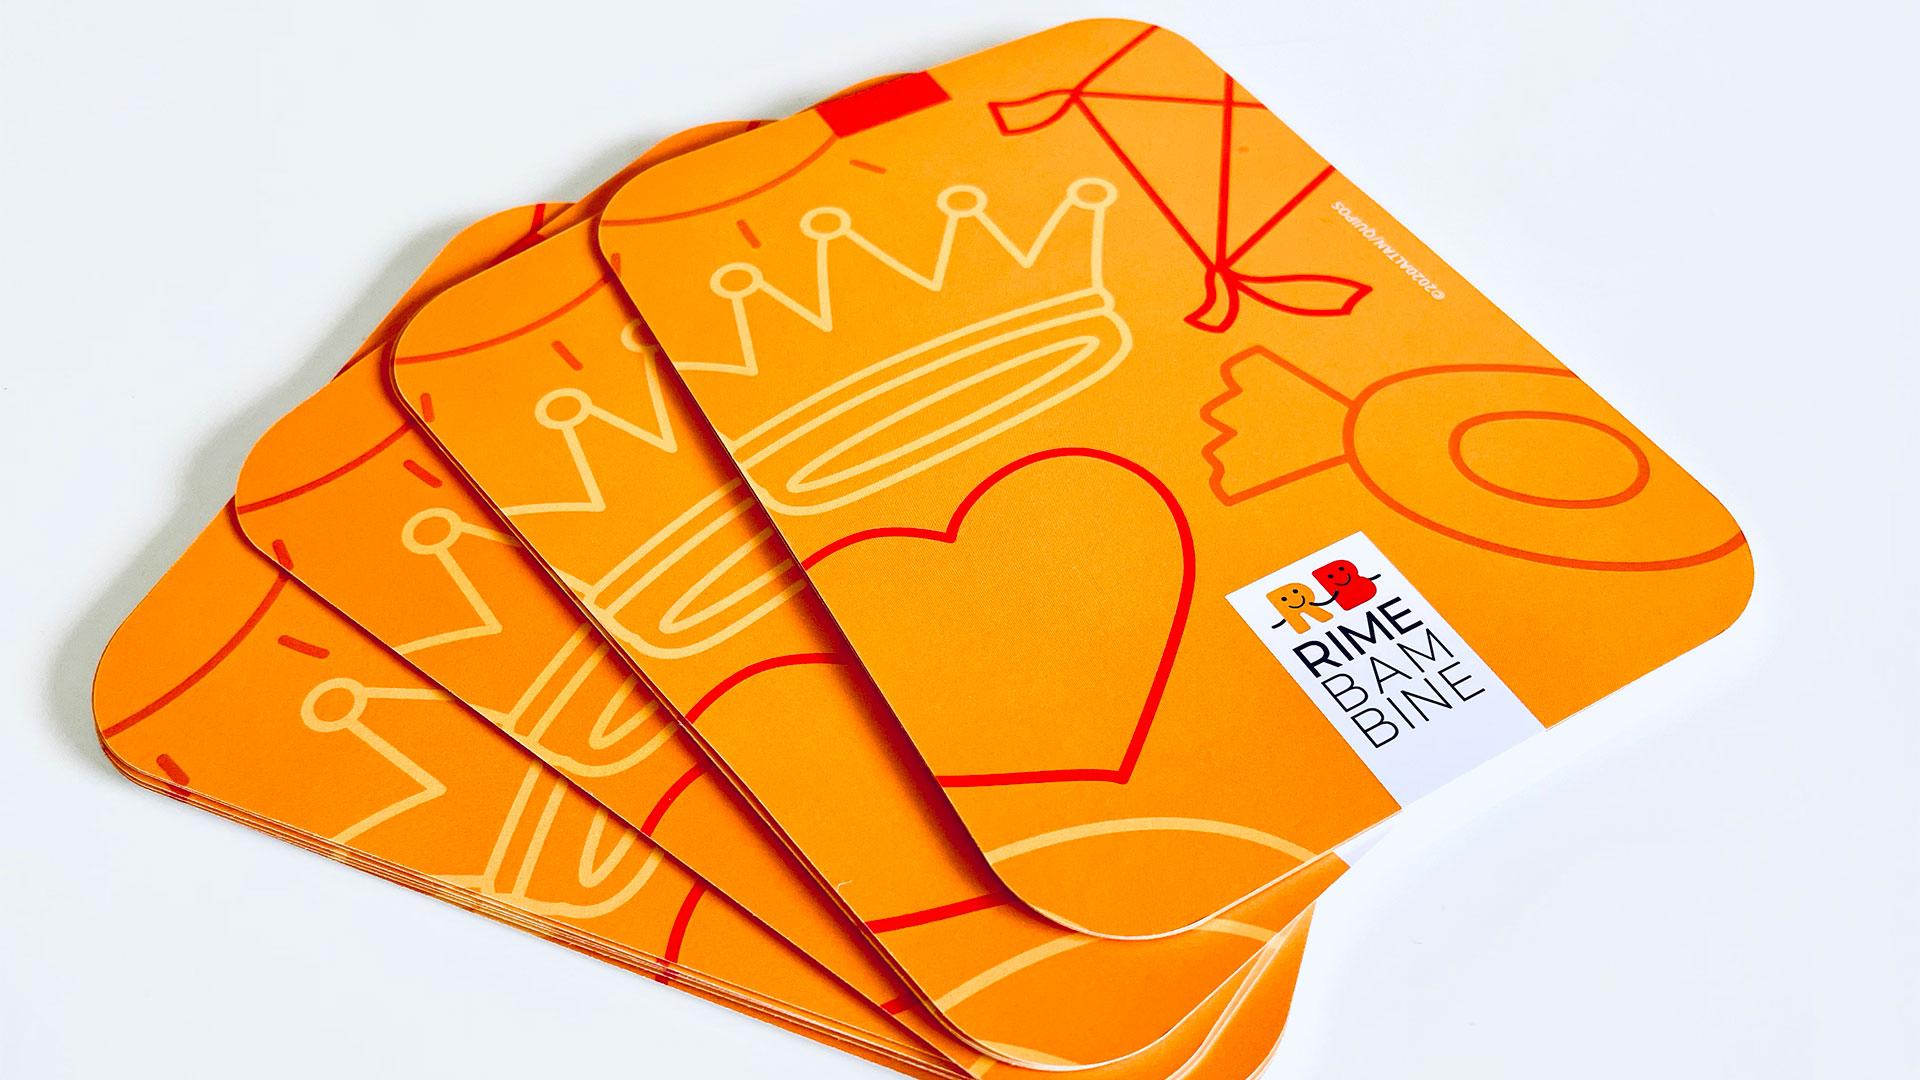 Retro dei mazzi di carte da gioco per bambini con illustrazioni di Altan